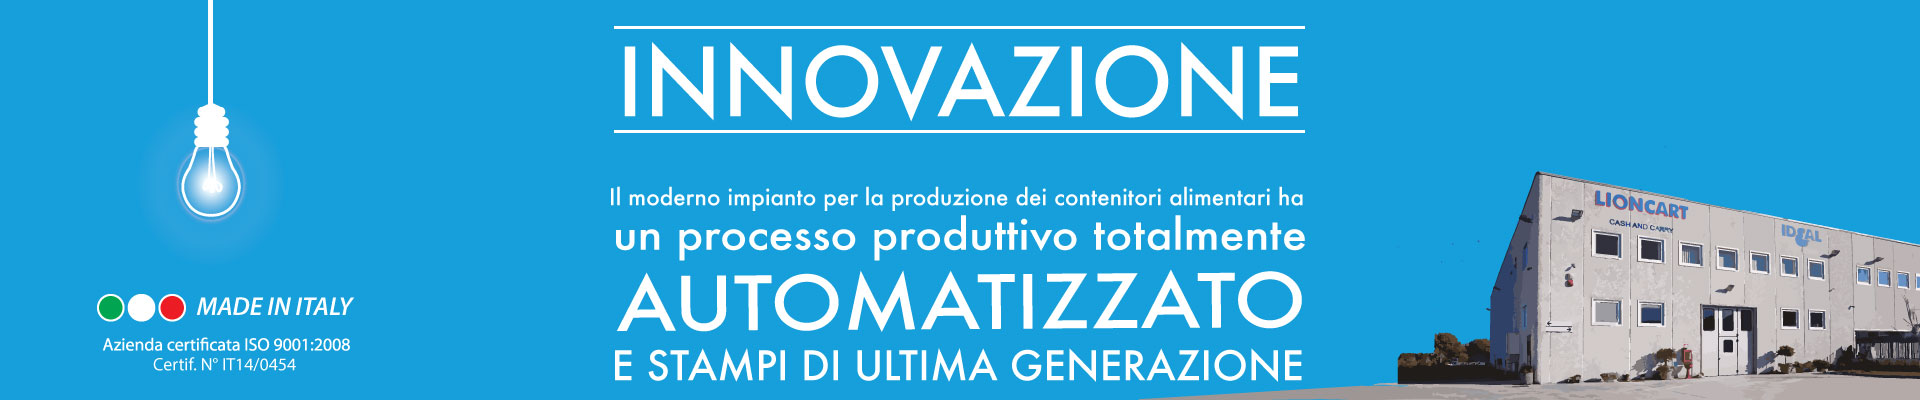 Stabilimento-innovazione